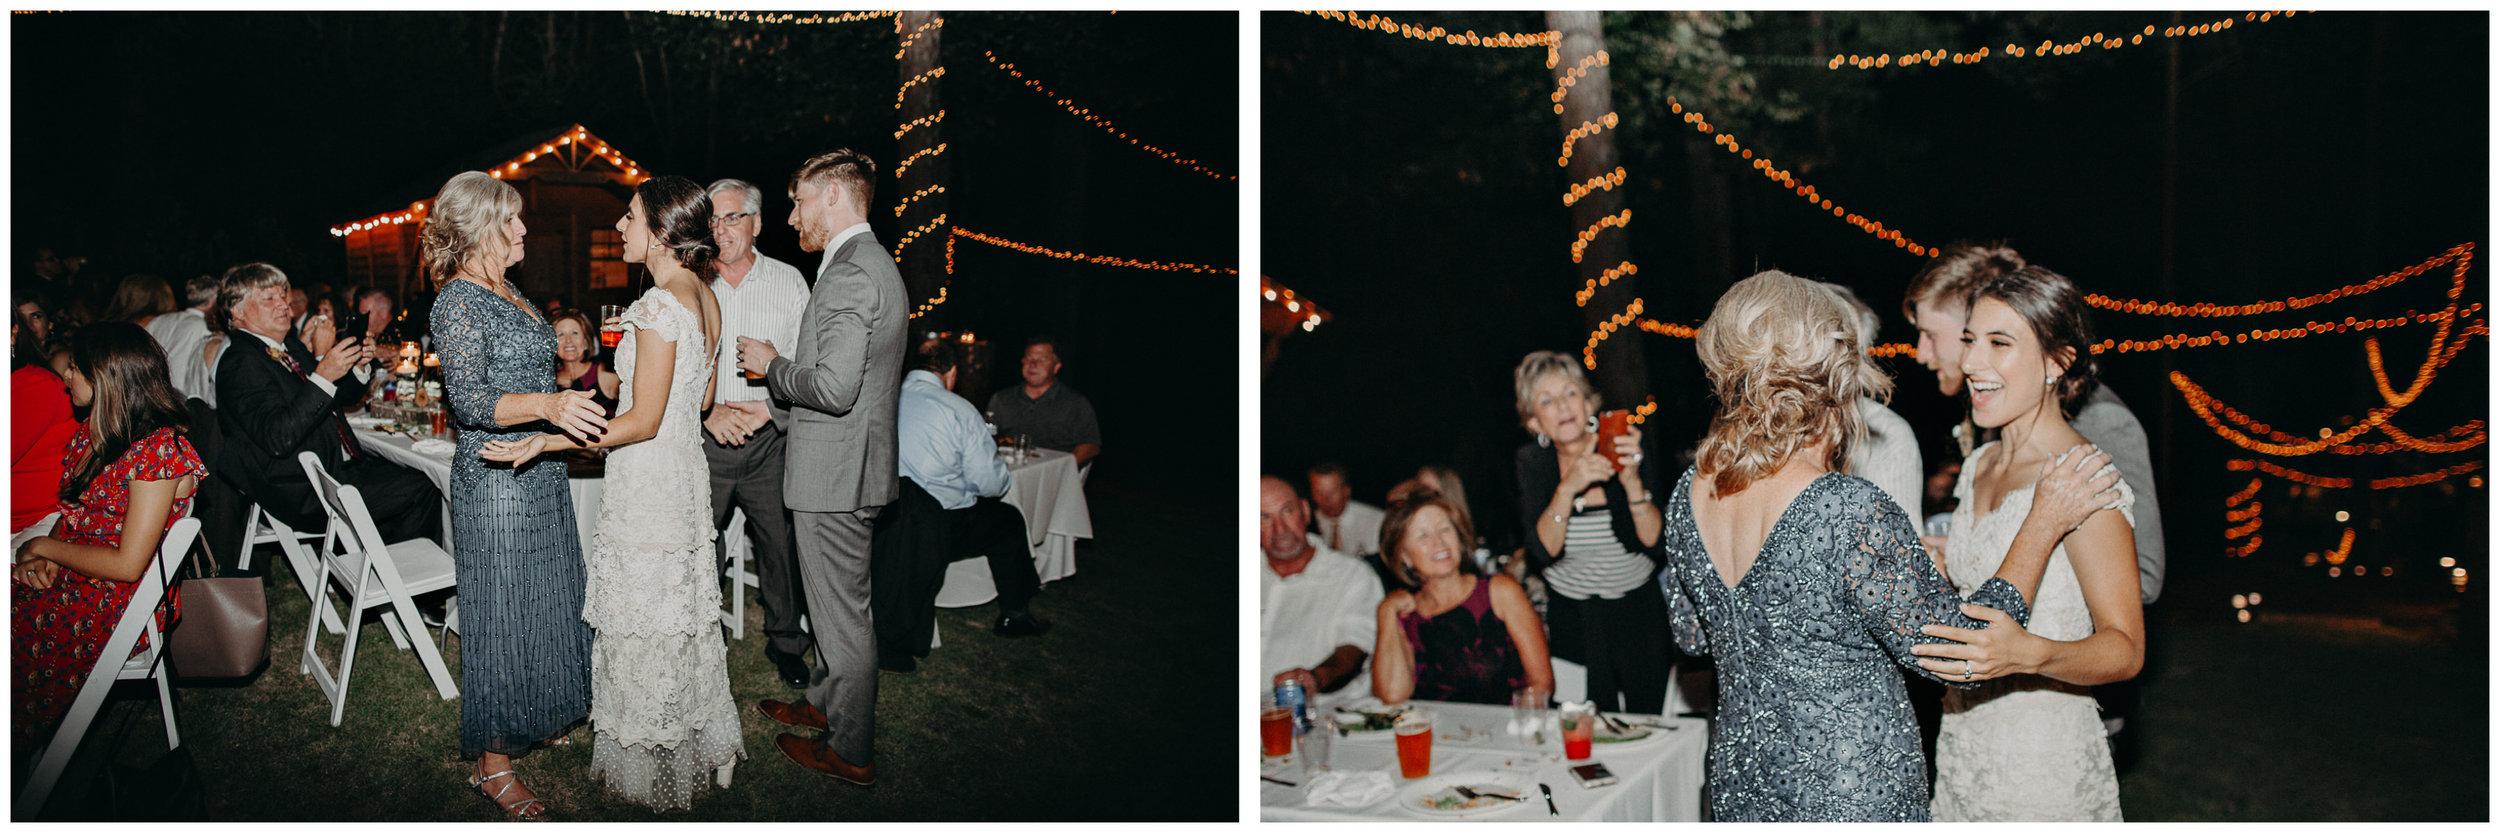 113.1 Wedding details .jpg